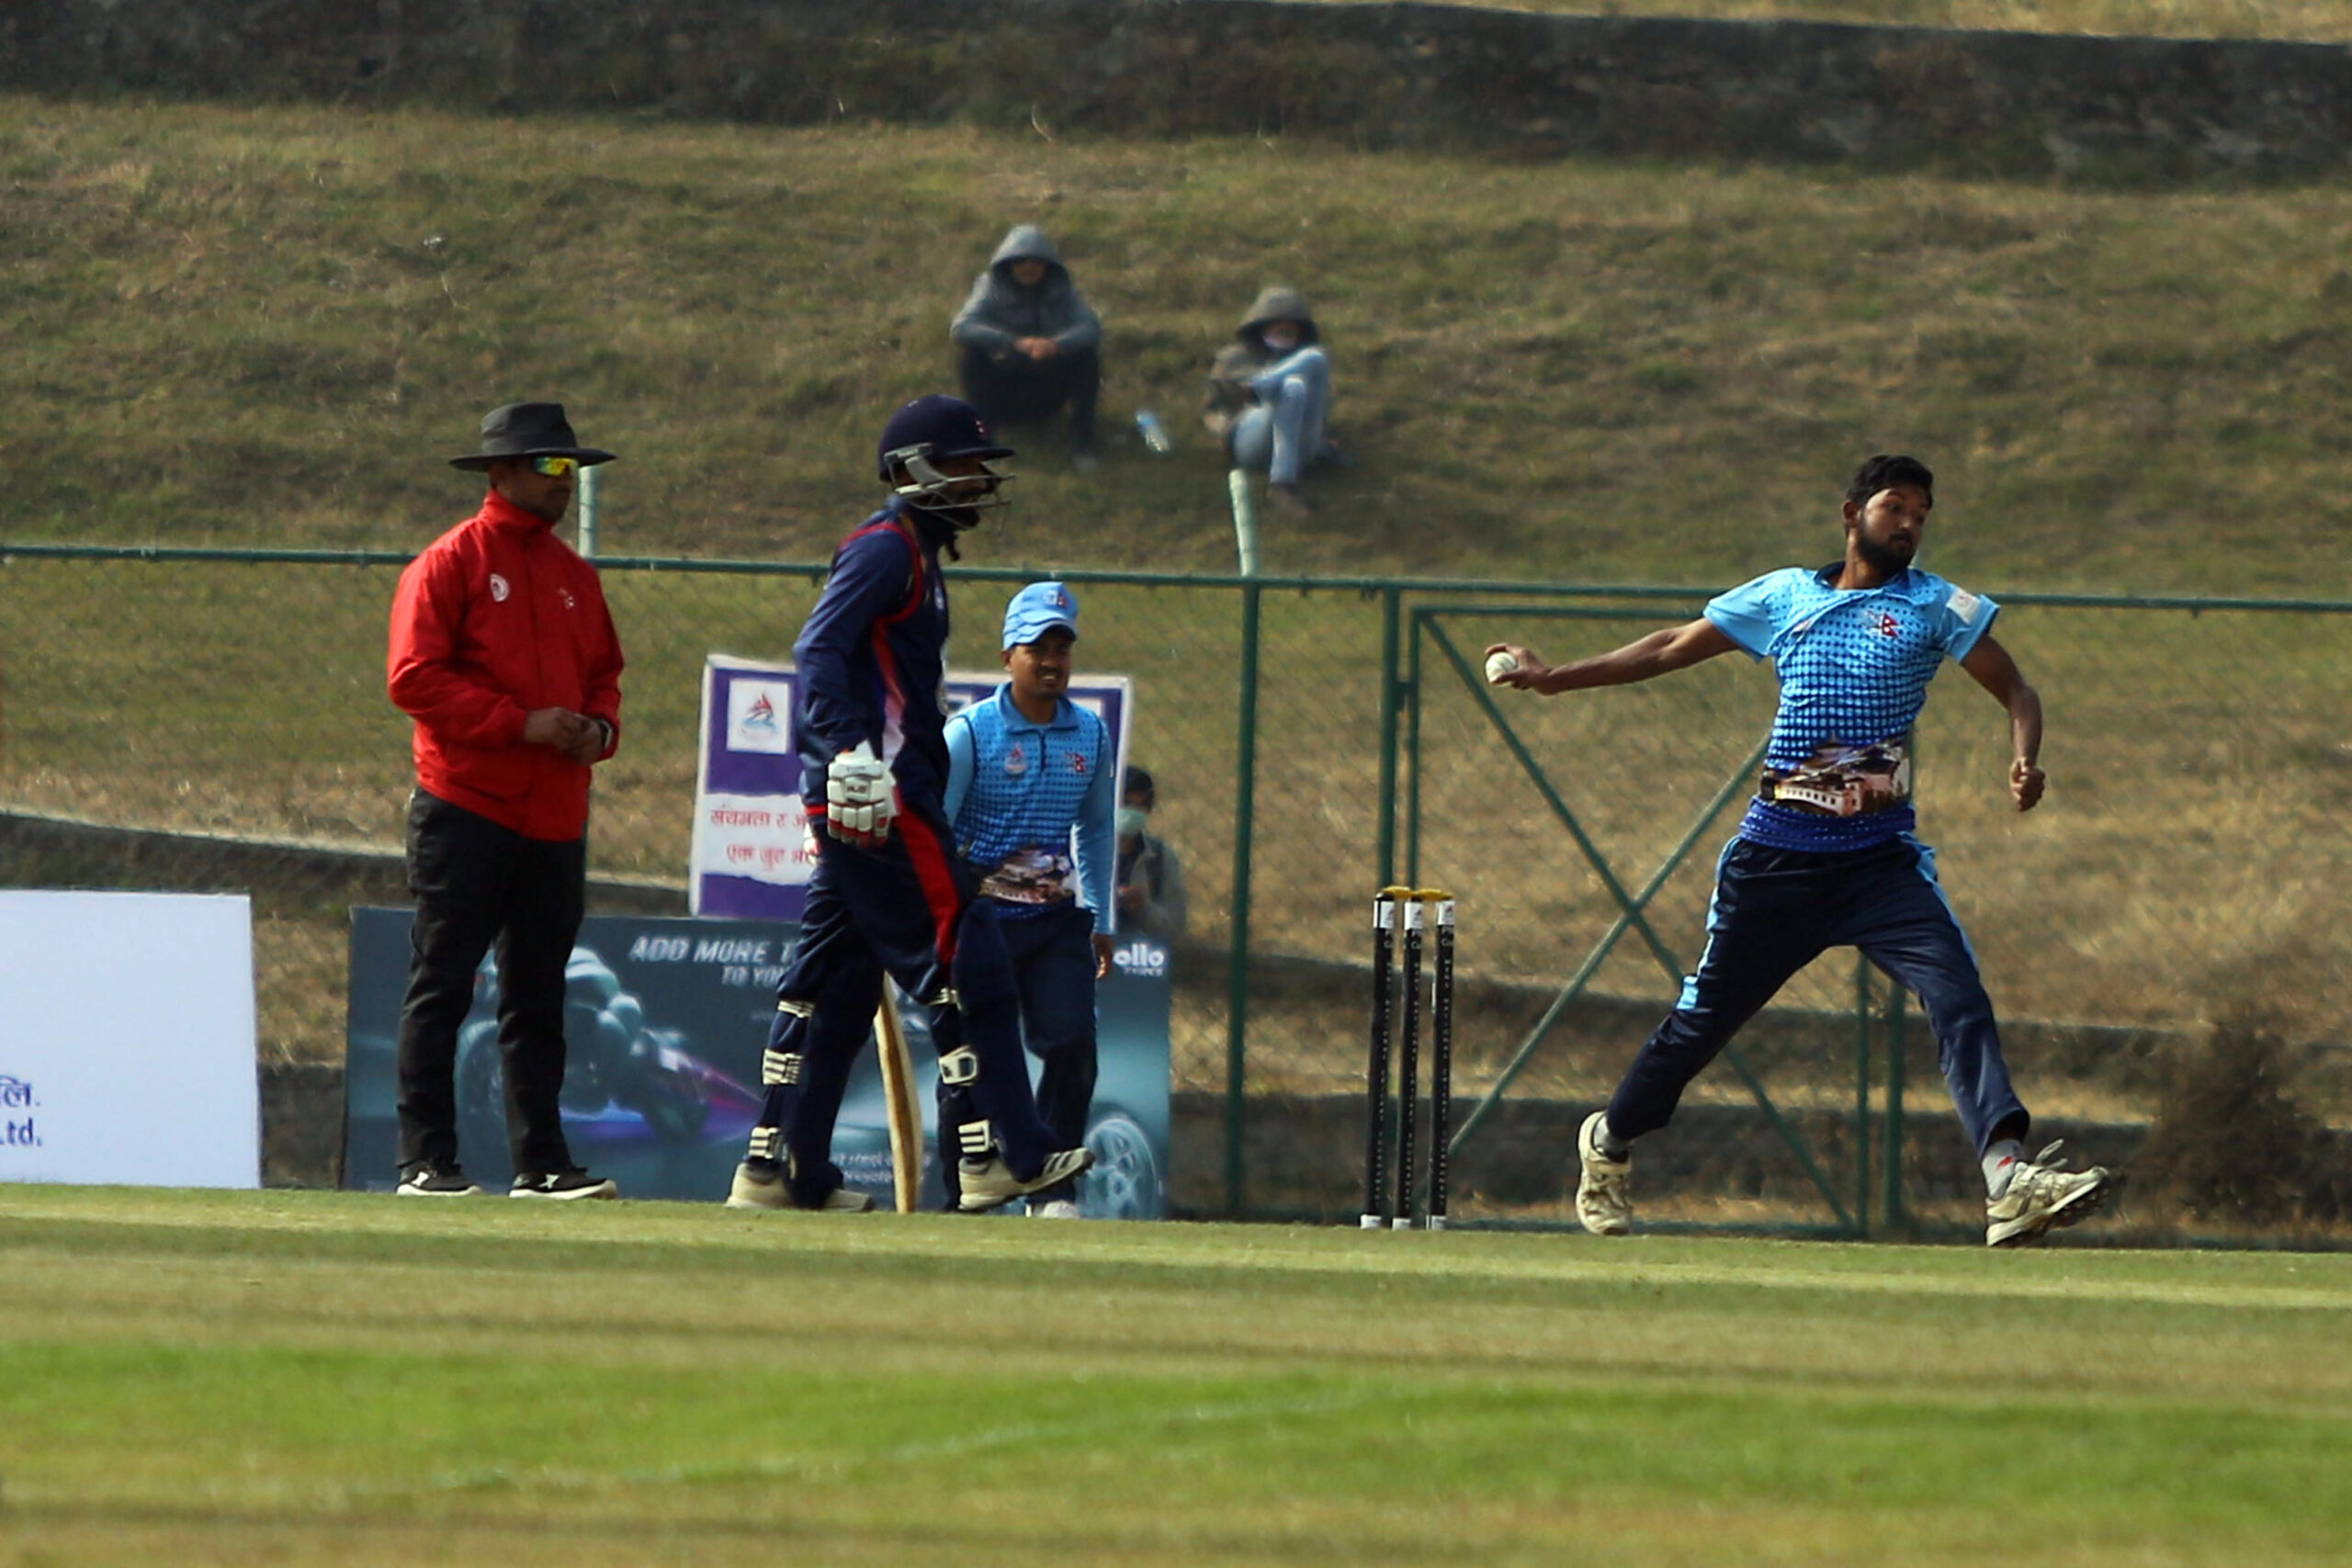 प्रधानमन्त्री कप क्रिकेटमा लुम्बिनीद्वारा सुदूरपश्चिम ६ विकेटले पराजित